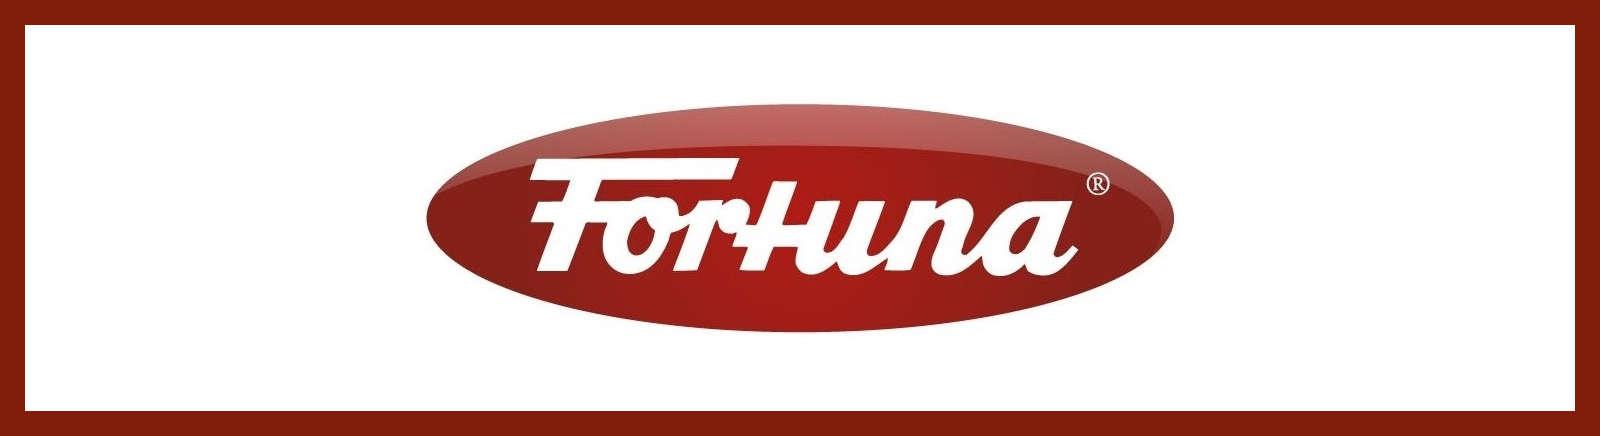 Juppen: Fortuna Bequeme Hausschuhe für Damen online kaufen online shoppen